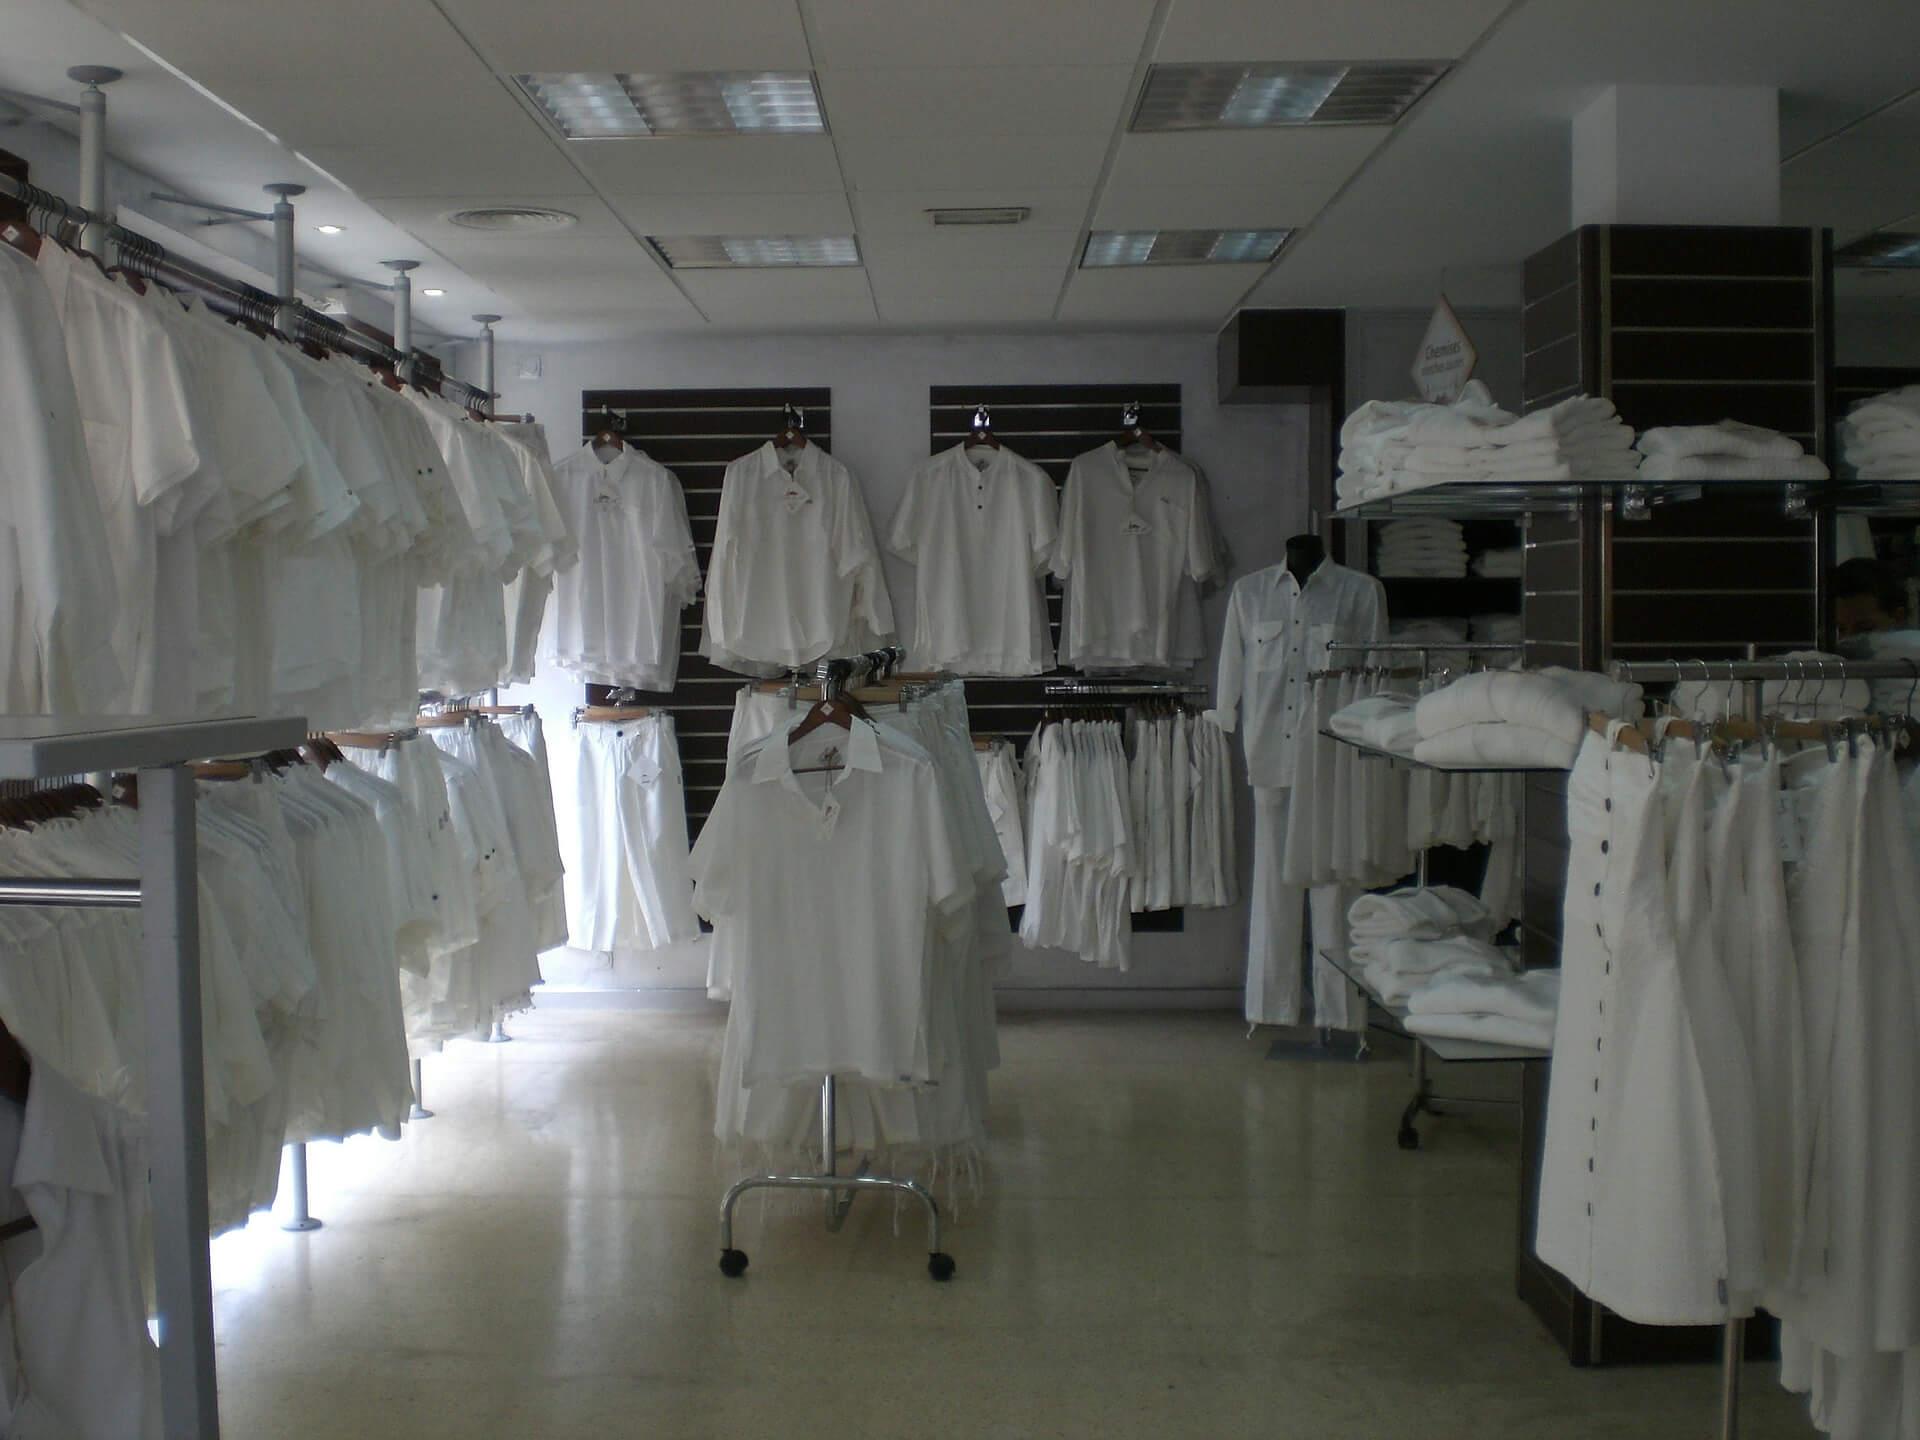 Arbeitsbekleidung bindet Ihre Mitarbeiter (c) sallina13 / pixabay.de